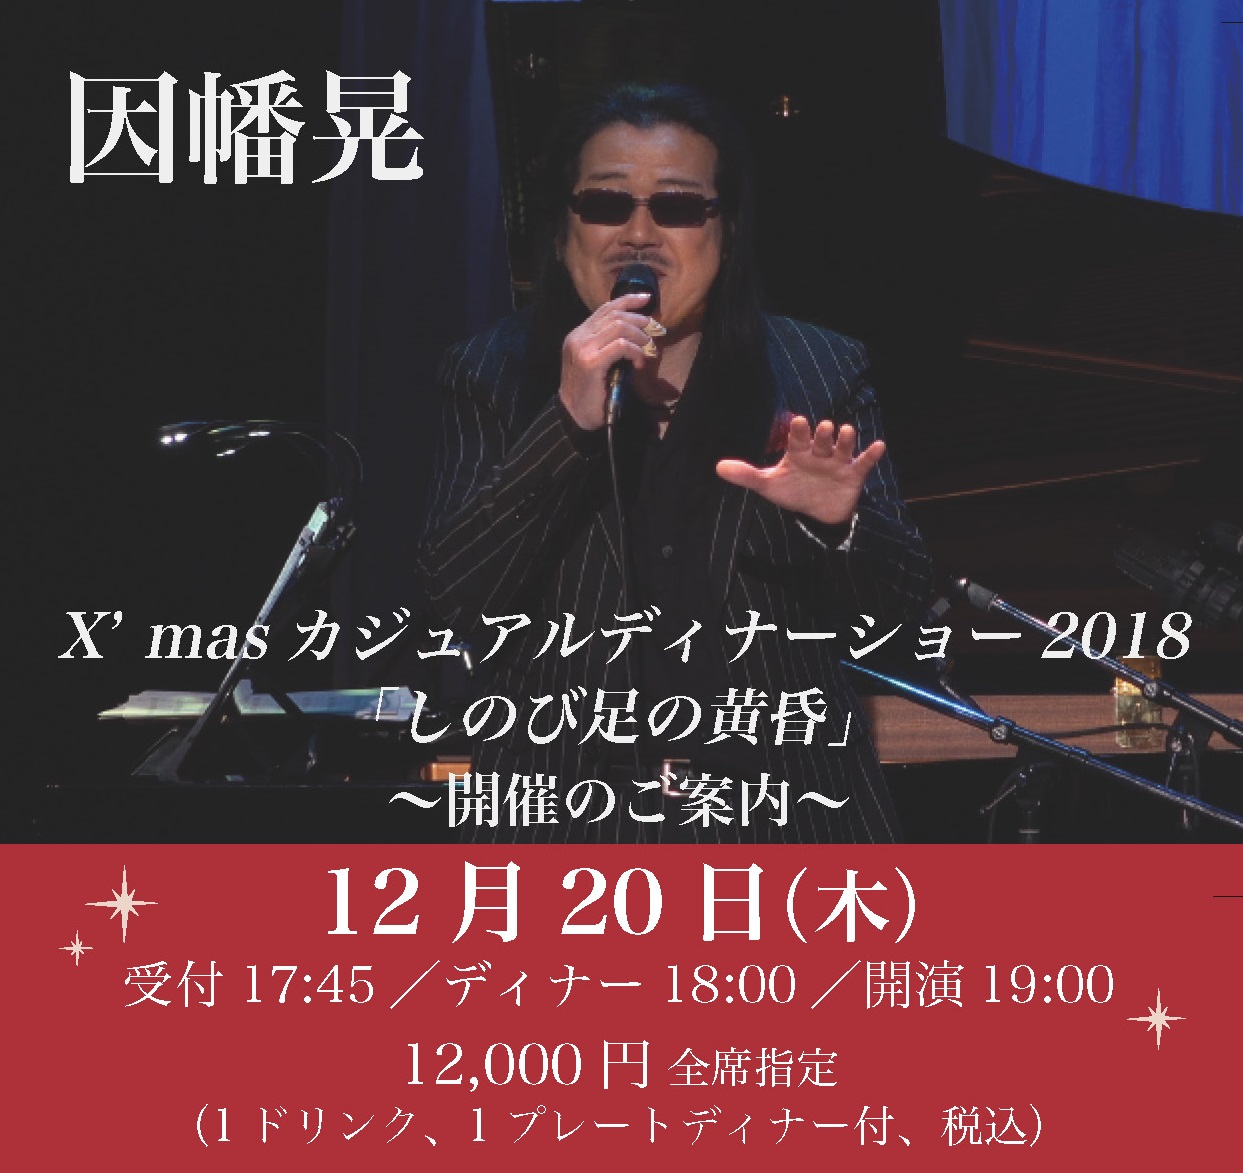 因幡晃 X'mas カジュアルディナーショー 2018 「しのび足の黄昏」